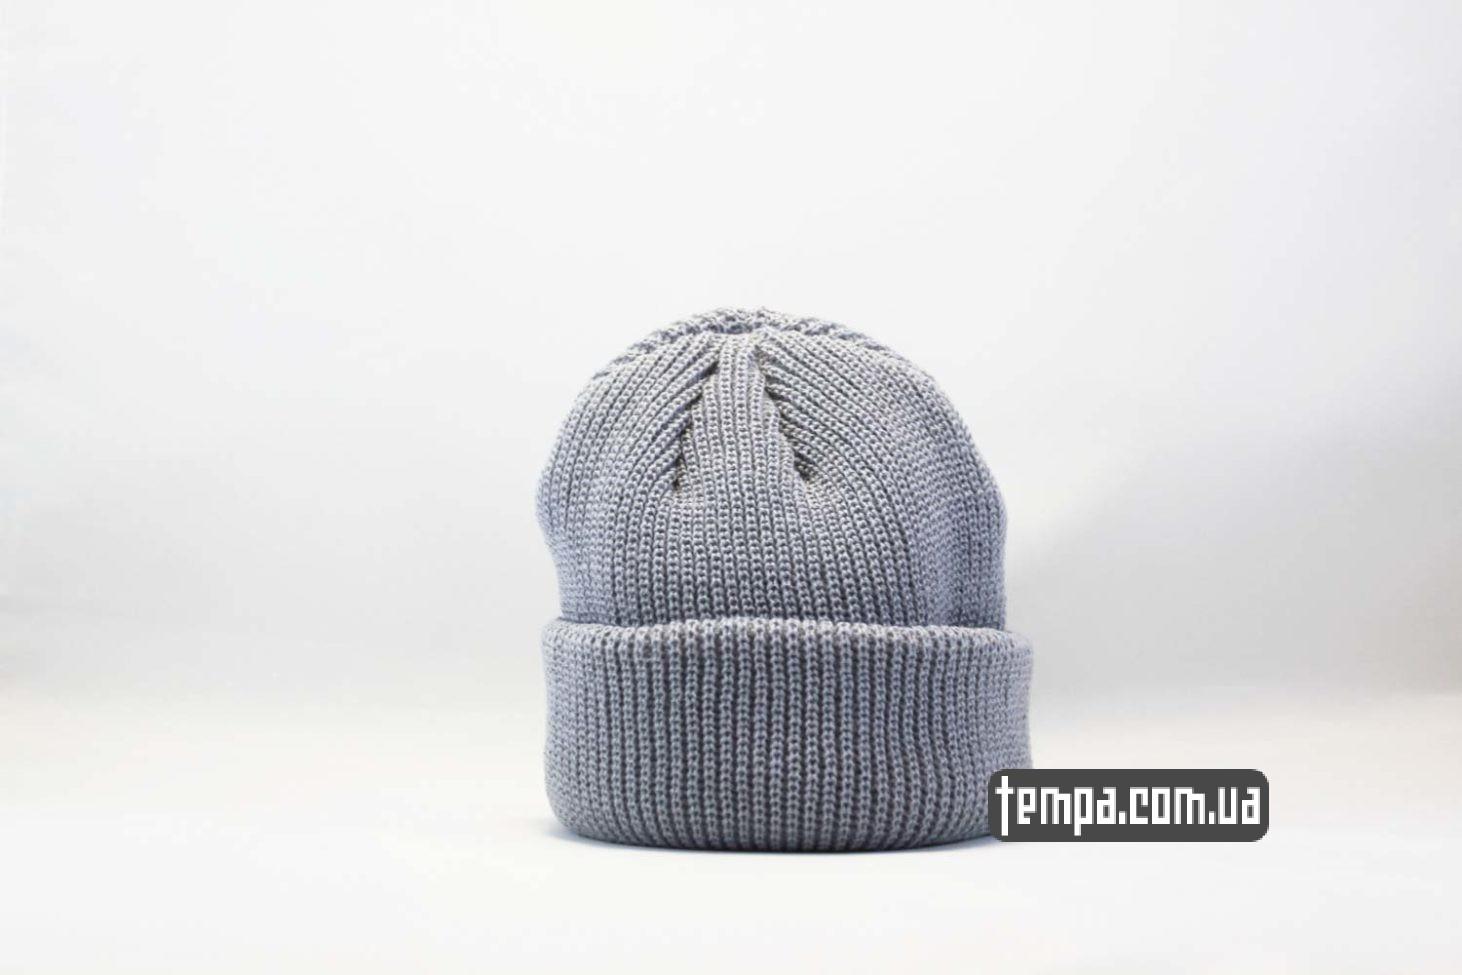 шапка beanie MONATIK ASOS серая купить Украина оригинал